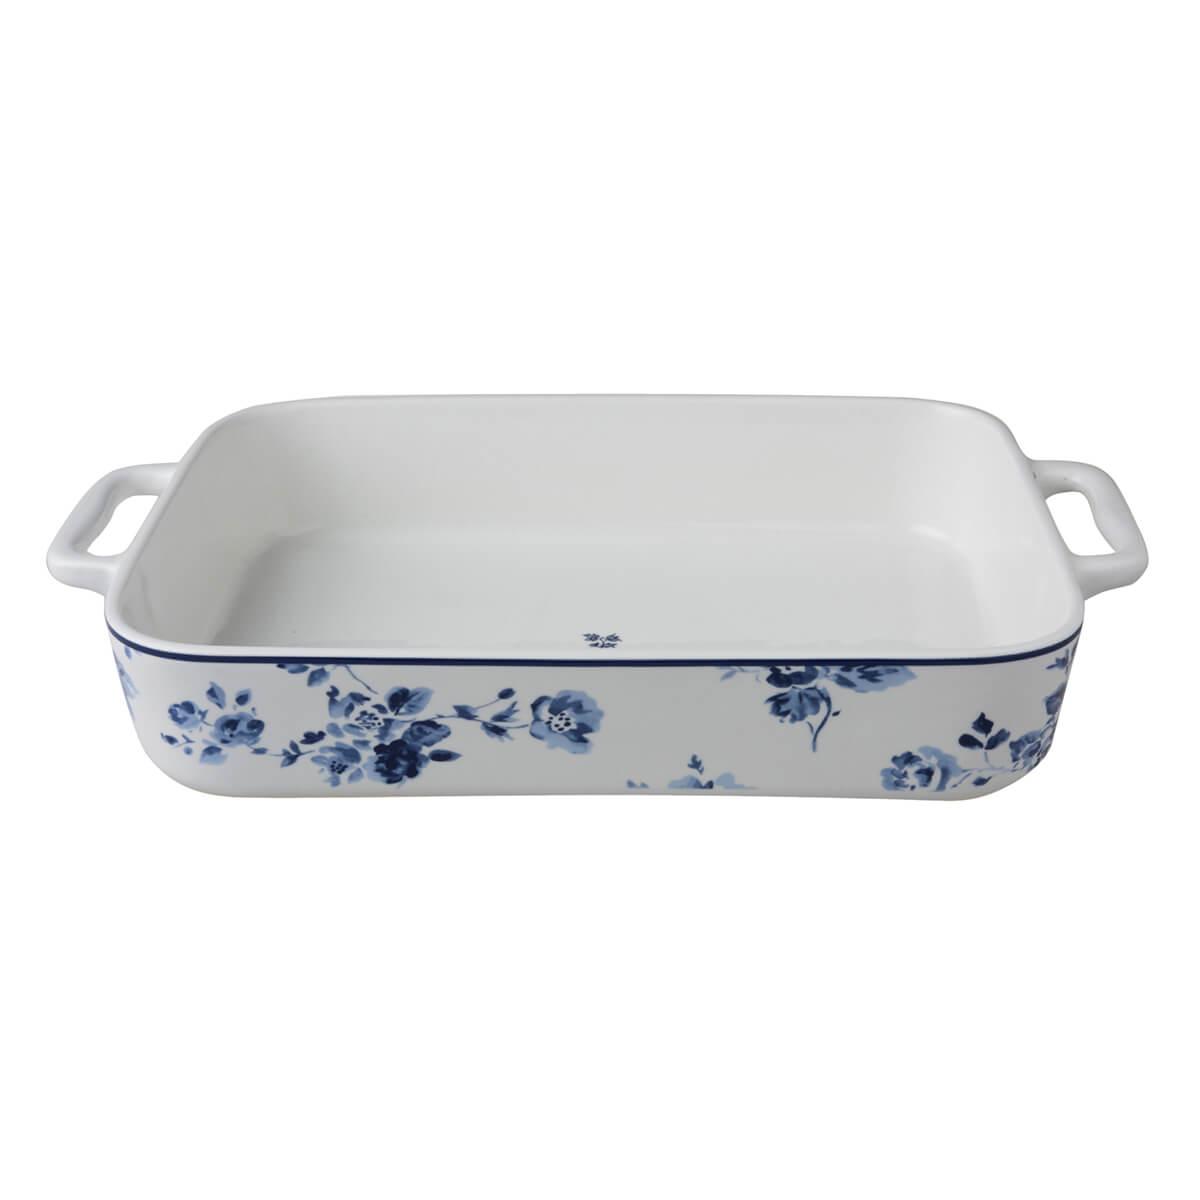 Онлайн каталог PROMENU: Форма для запекания фарфоровая Laura Ashley BLUEPRINT, 32х22,5 см, белый с синими розами                               179474